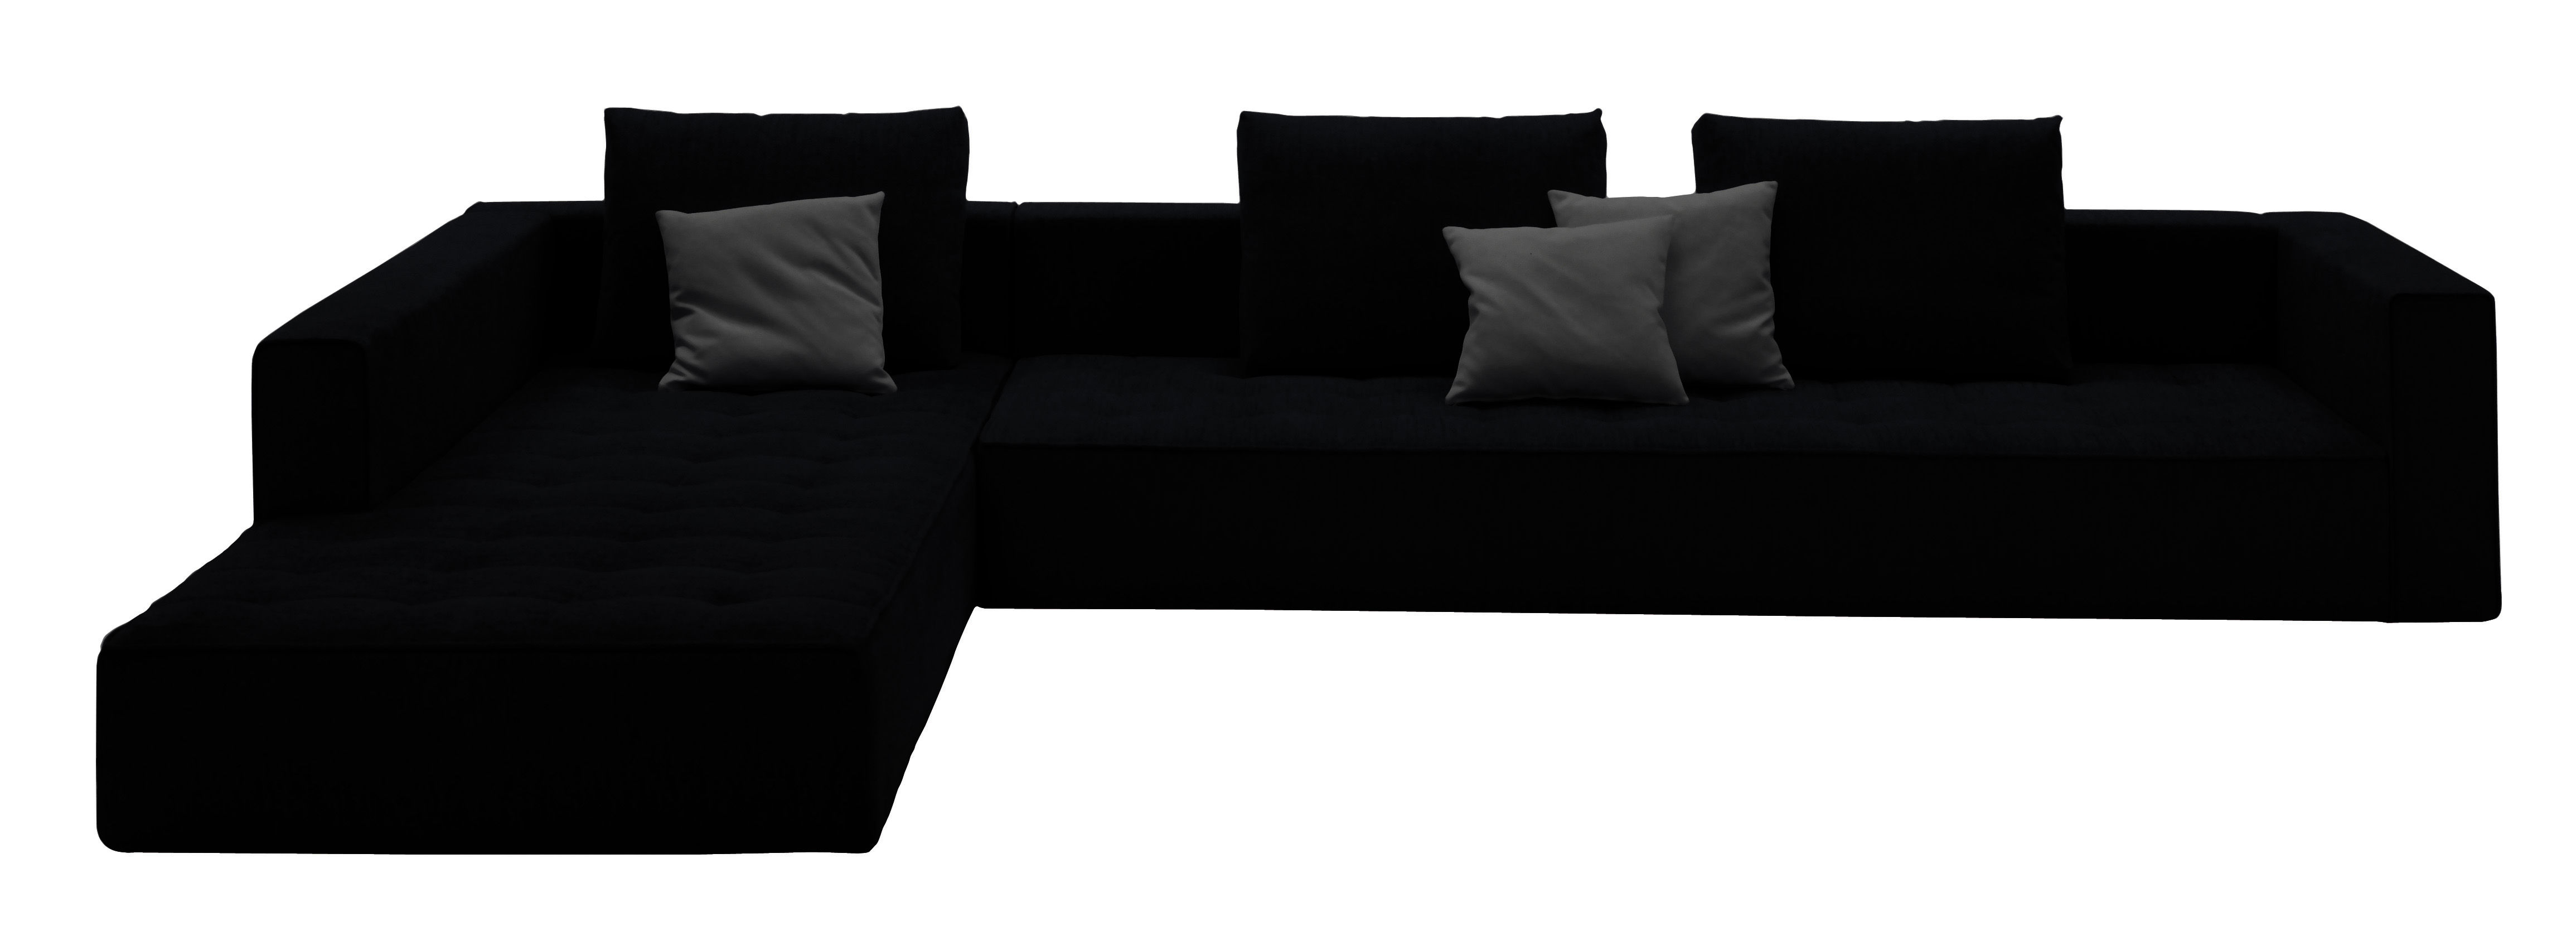 canape d39angle kilt cuir l 300 cm cuir noir zanotta With canapé d angle 300 cm